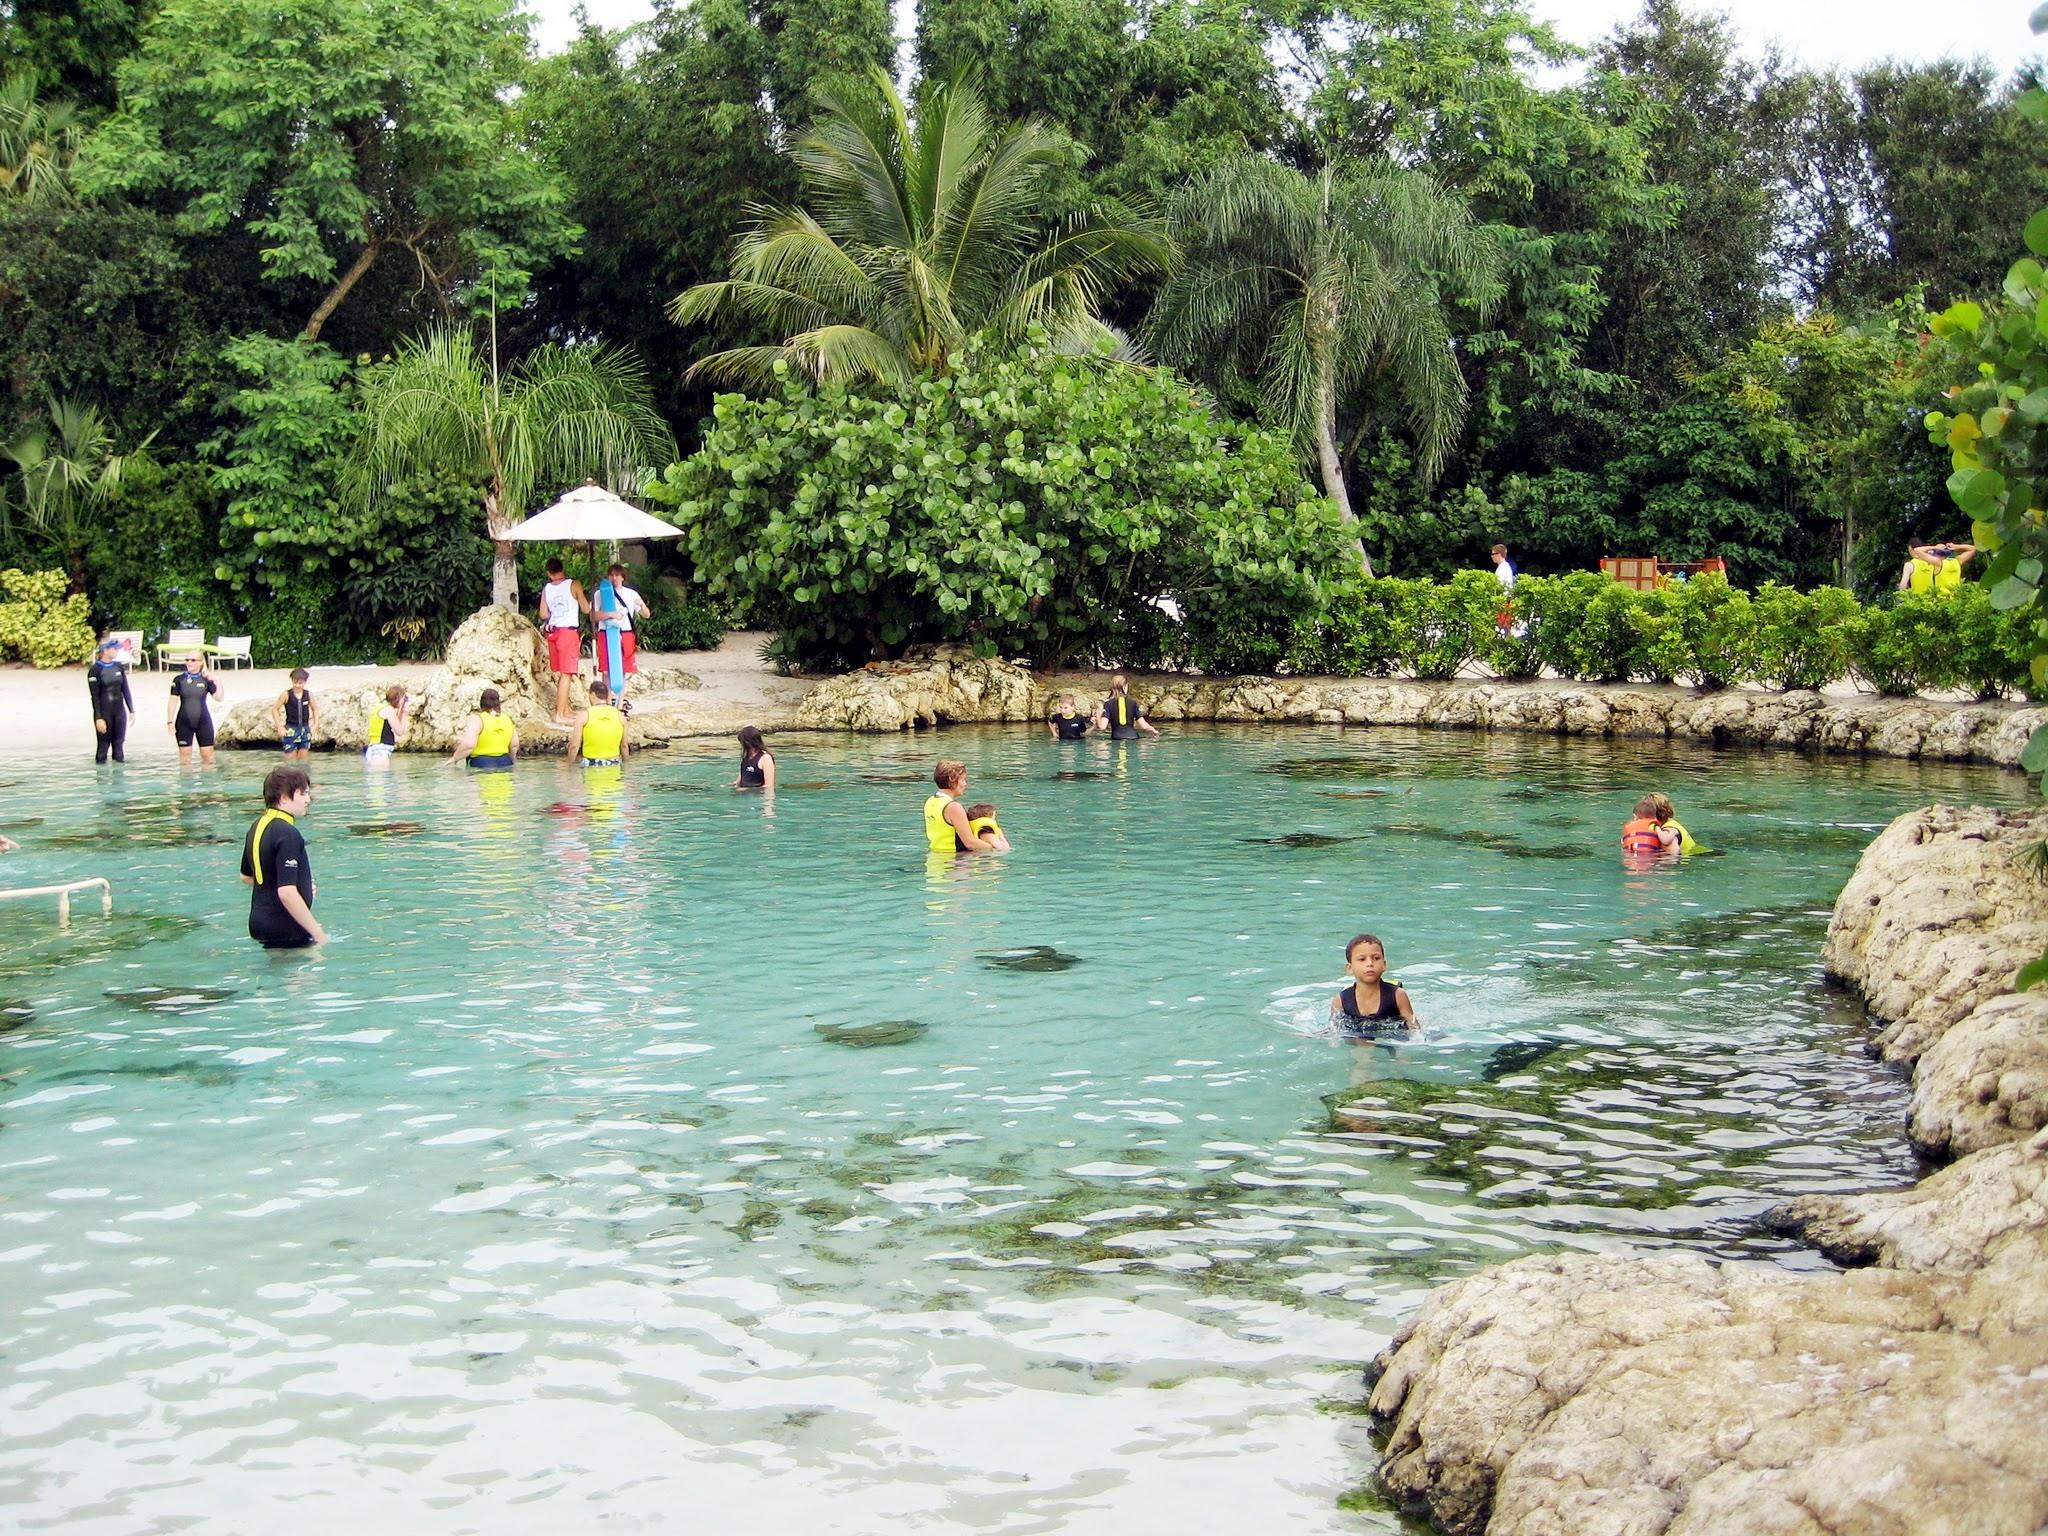 Orlando Theme Park-Discovery Cove